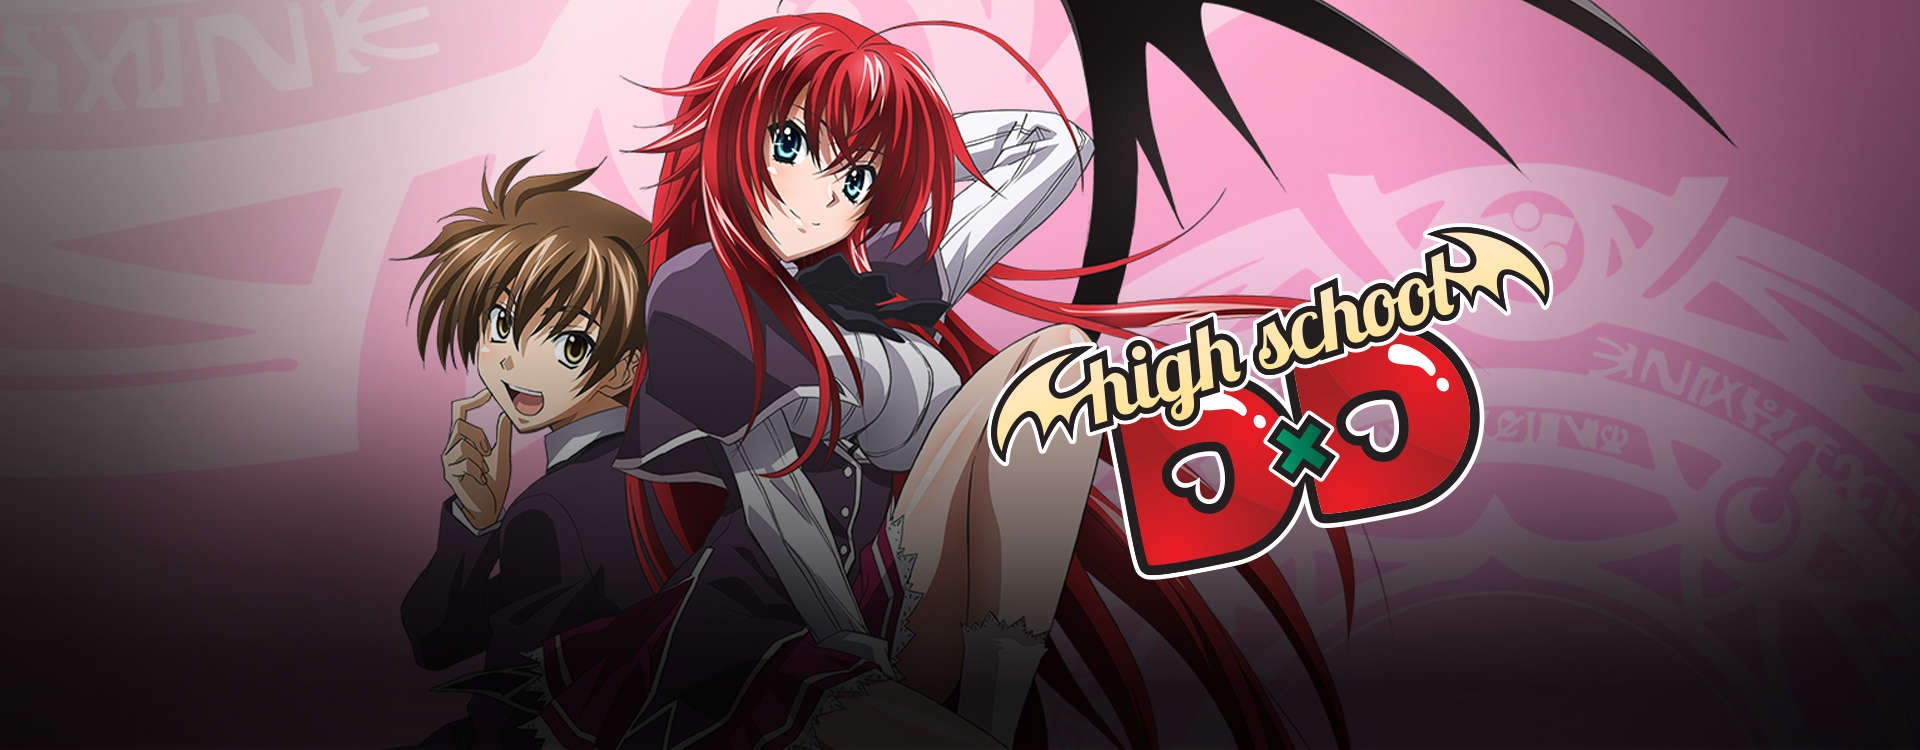 Anime Dxd